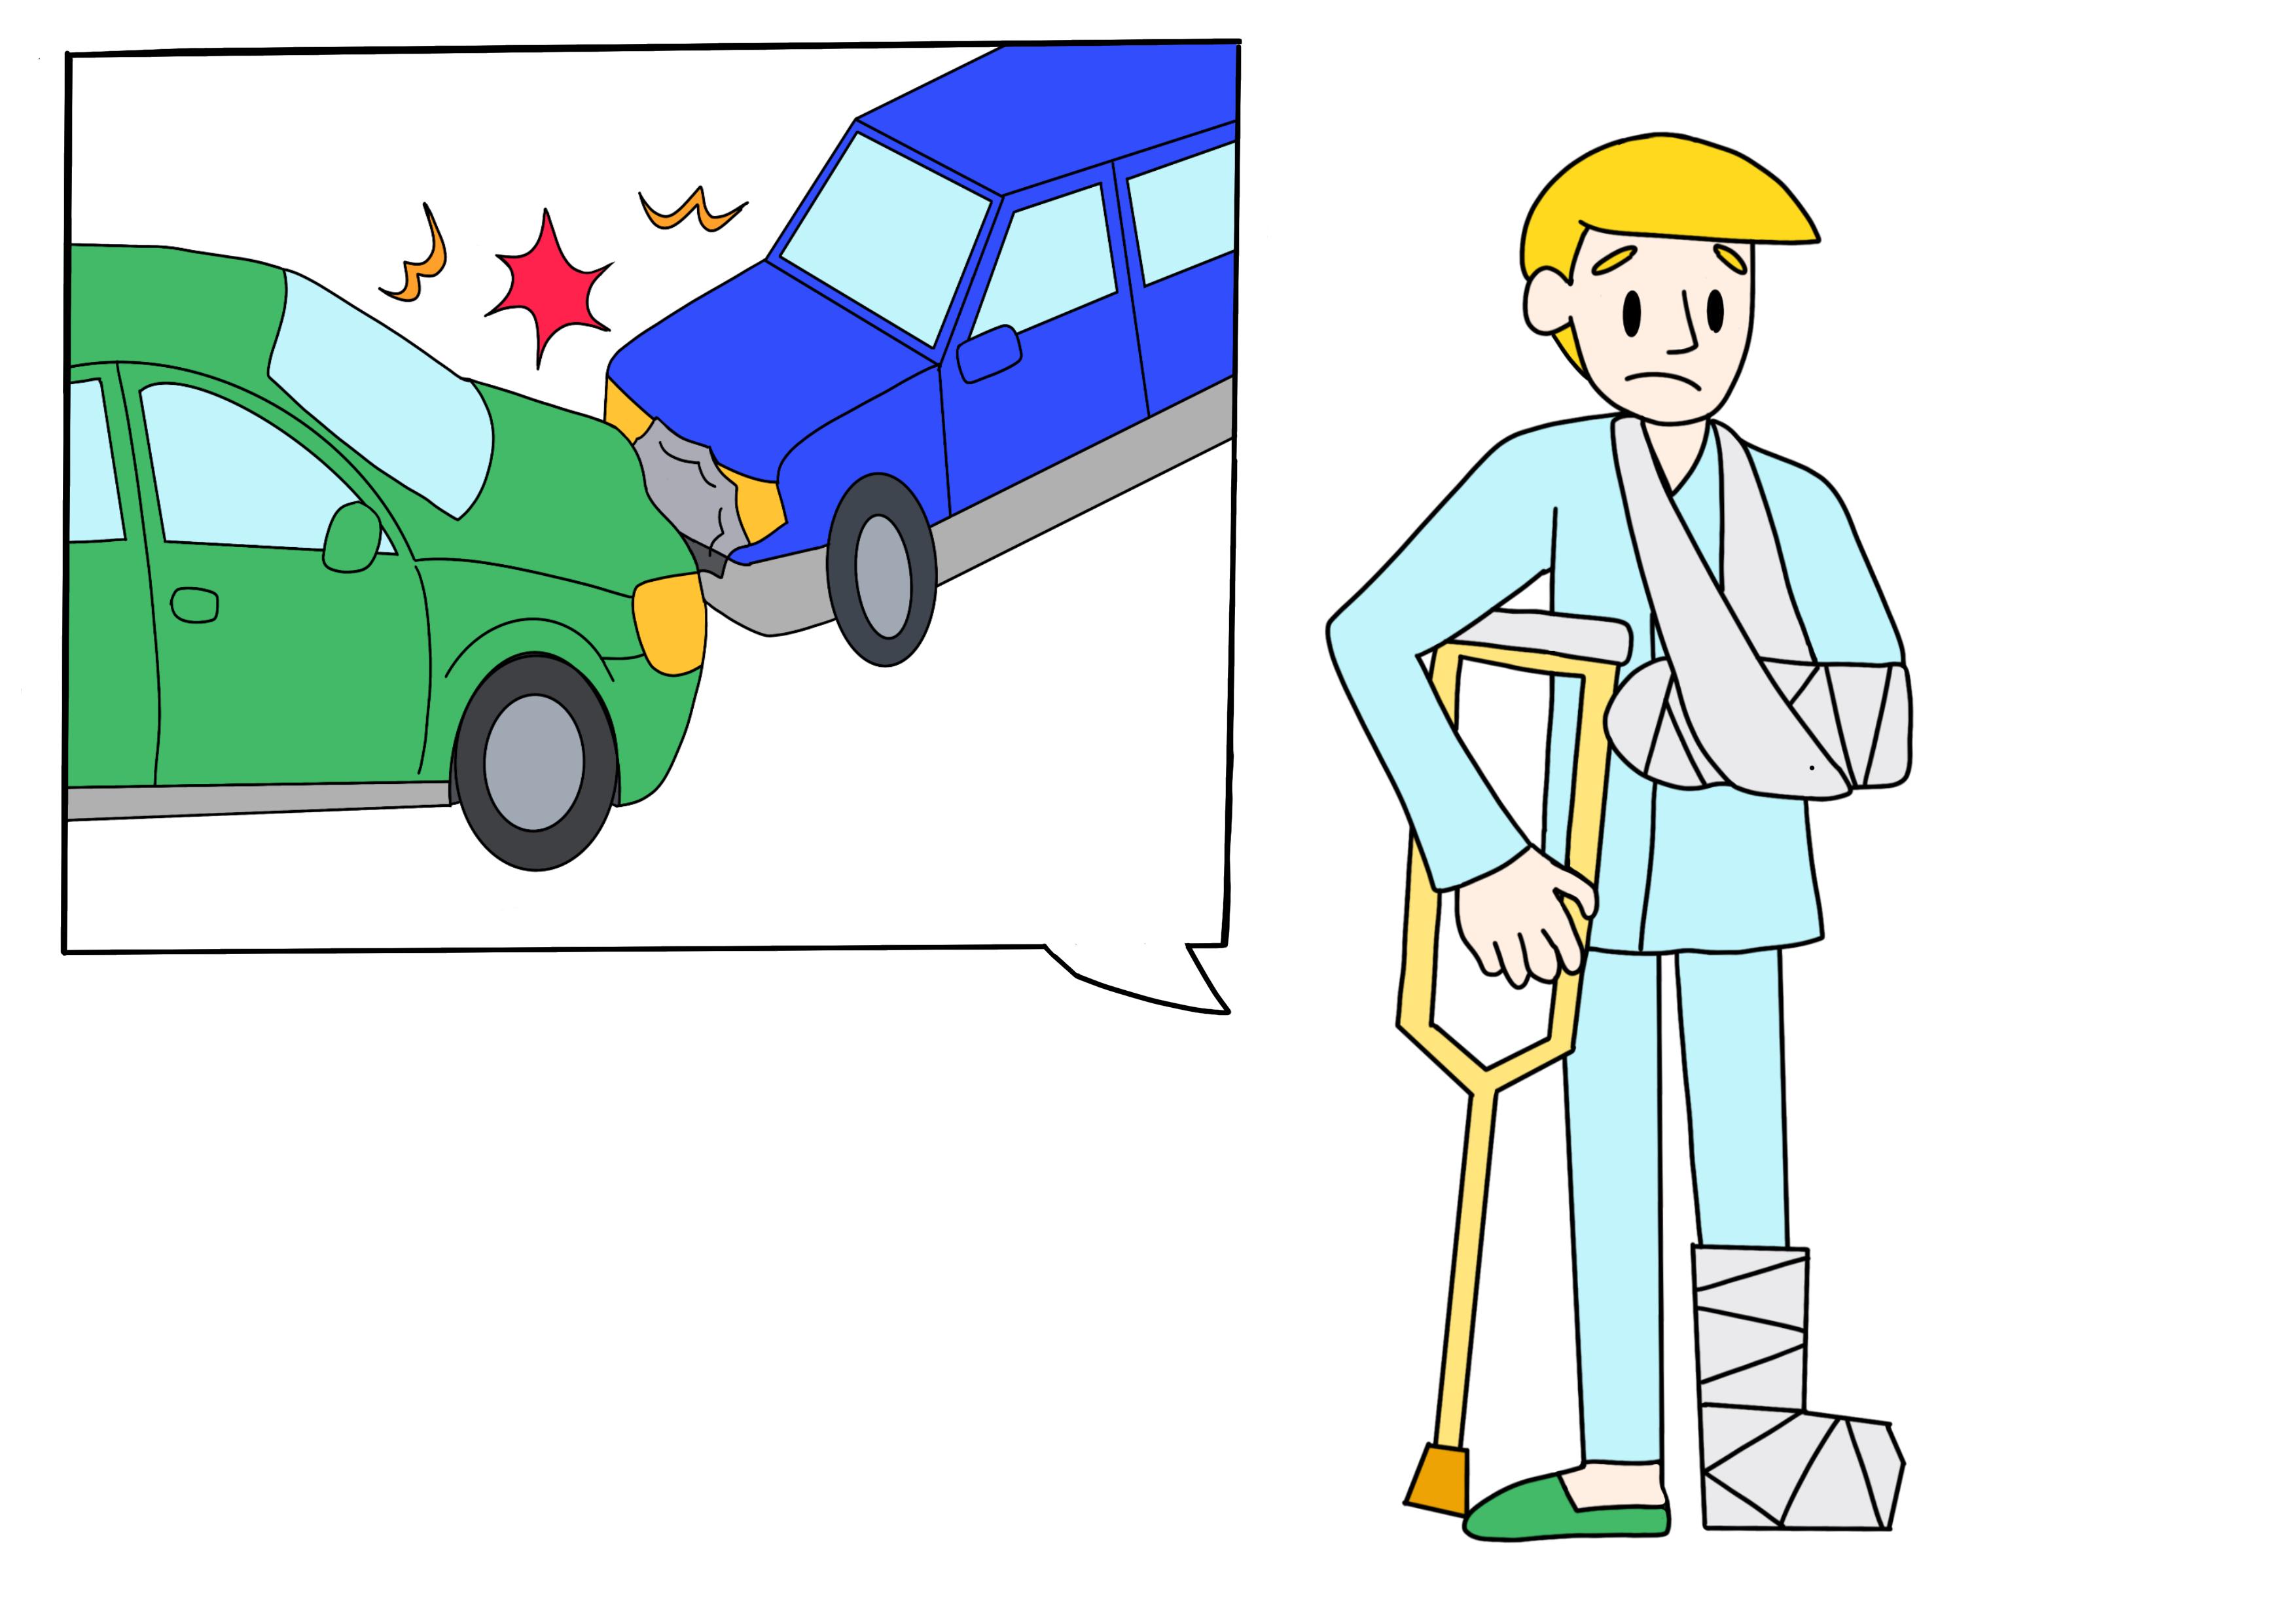 36課イラスト【事故にあう】